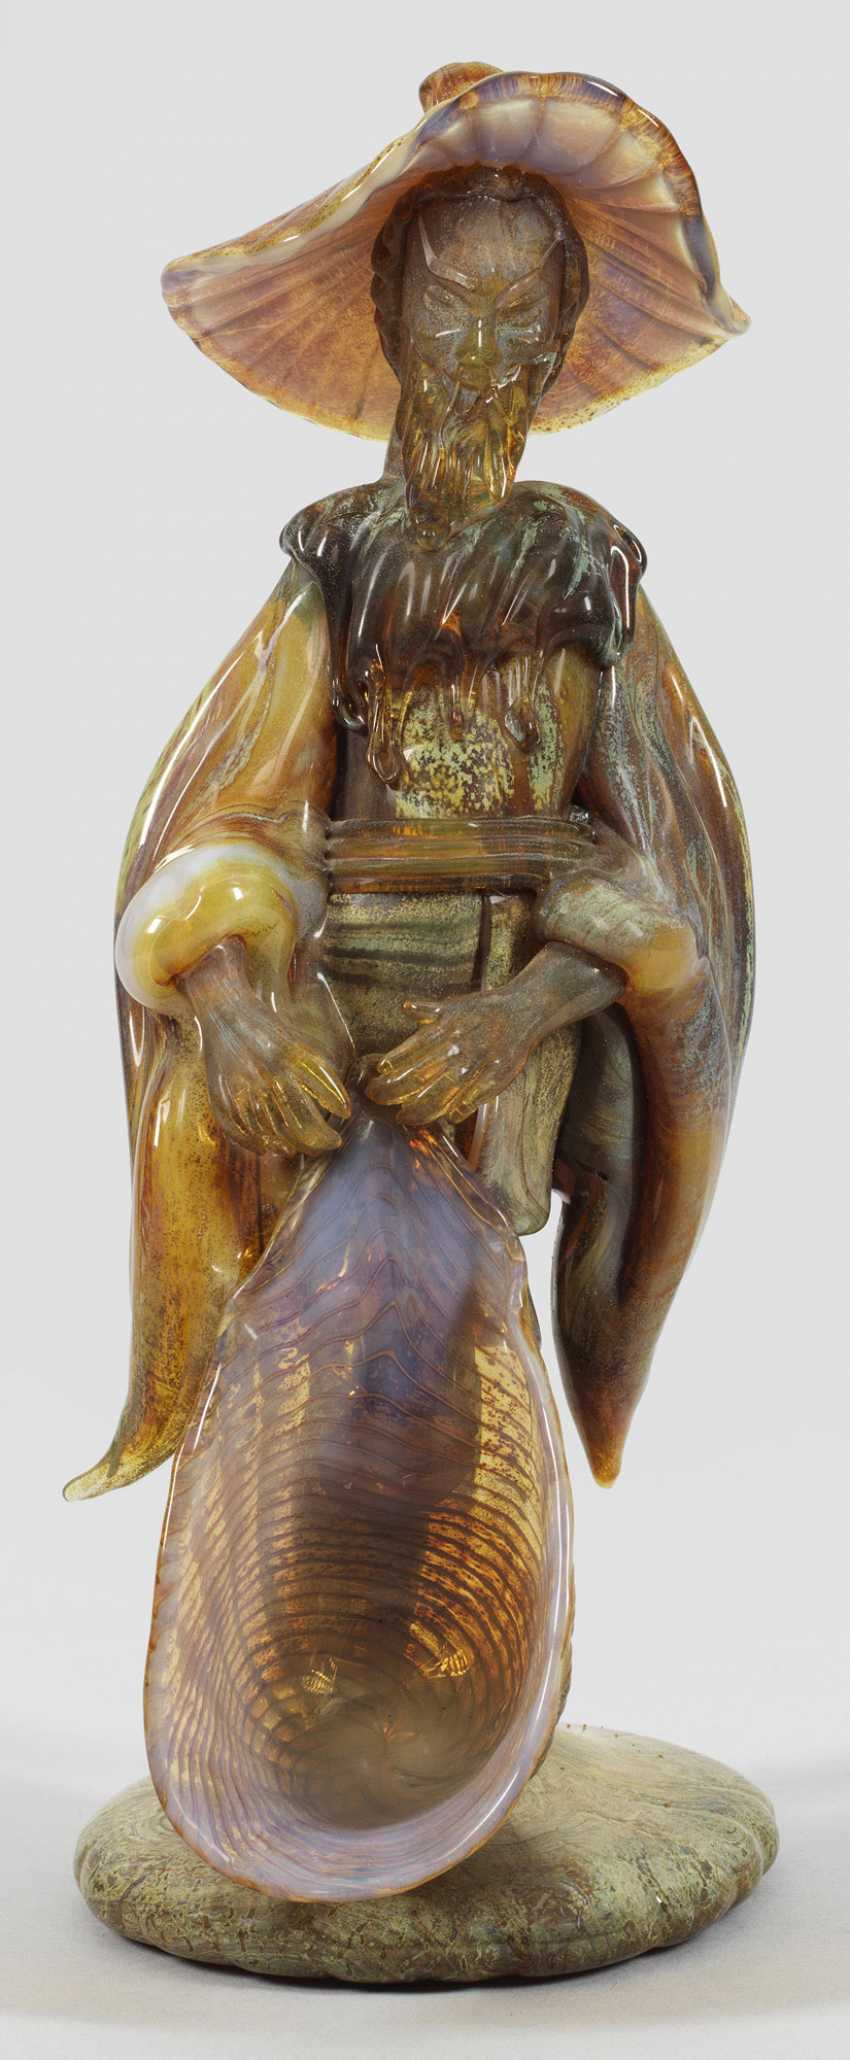 Фигура китайского рыбака от Ermanno Nason - фото 1